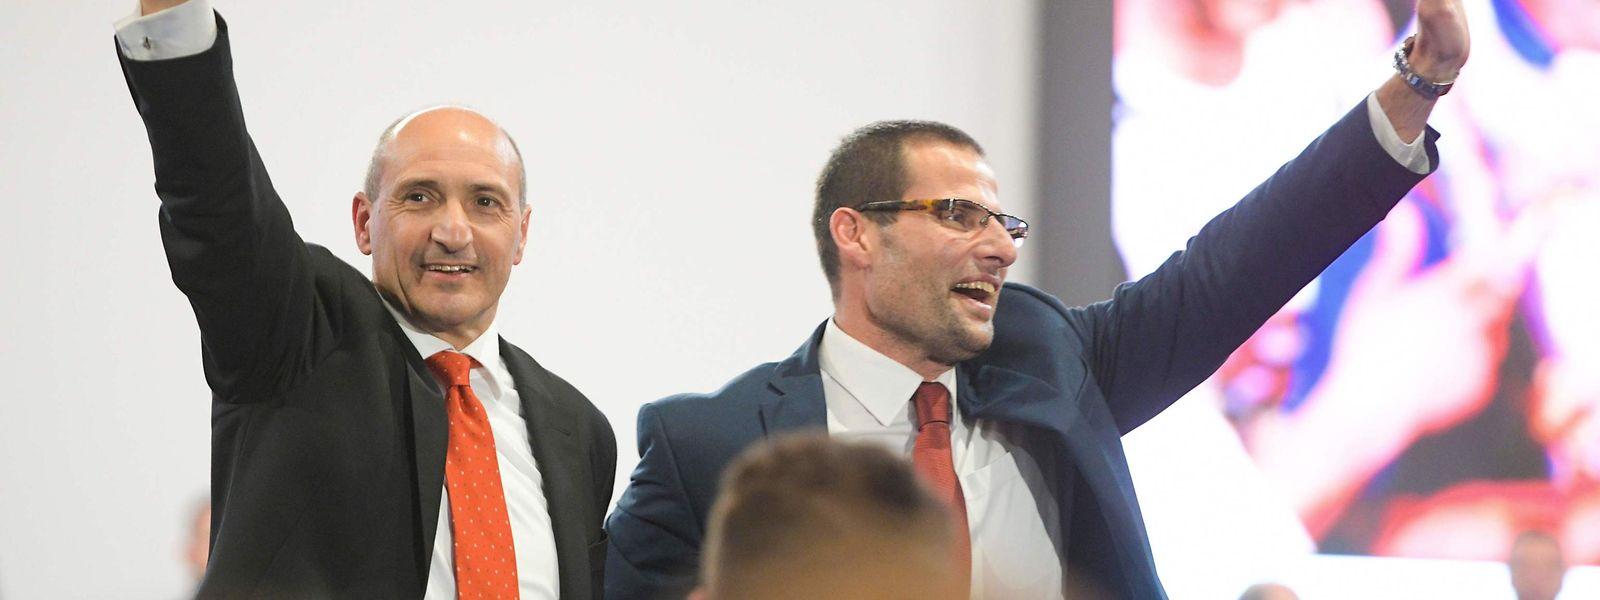 Die beiden Kandidaten Chris Fearne (l.) und Robert Abela (r.) zeigten sich vor der Wahl zuversichtlich. Am Ende geht Abela als Gewinner hervor.